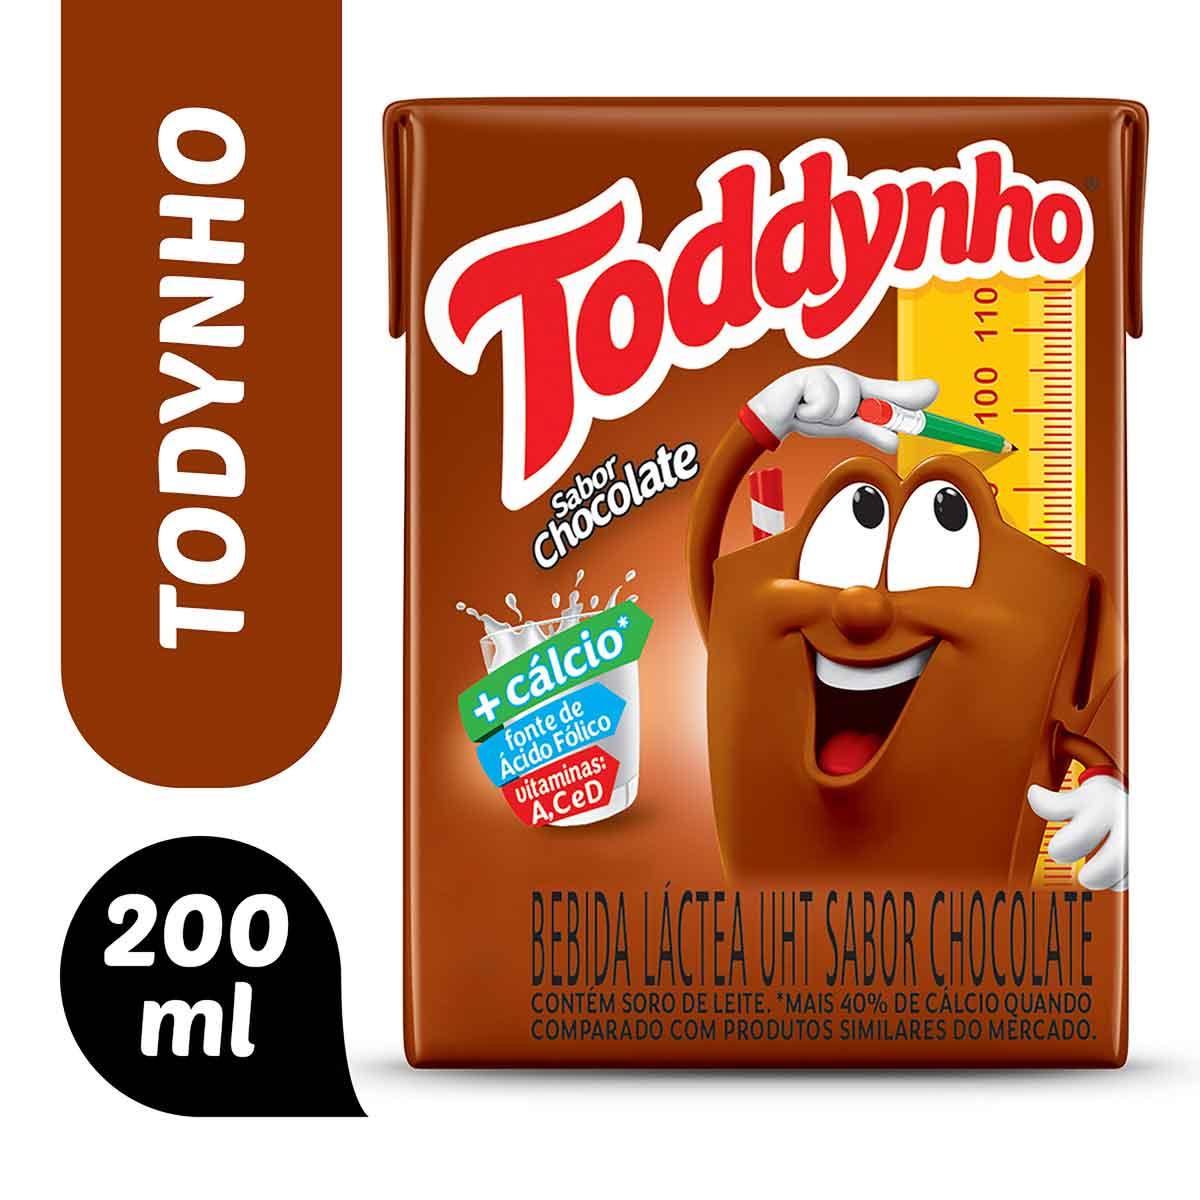 TODDYNHO TRADICIONAL 3X200ML (27)